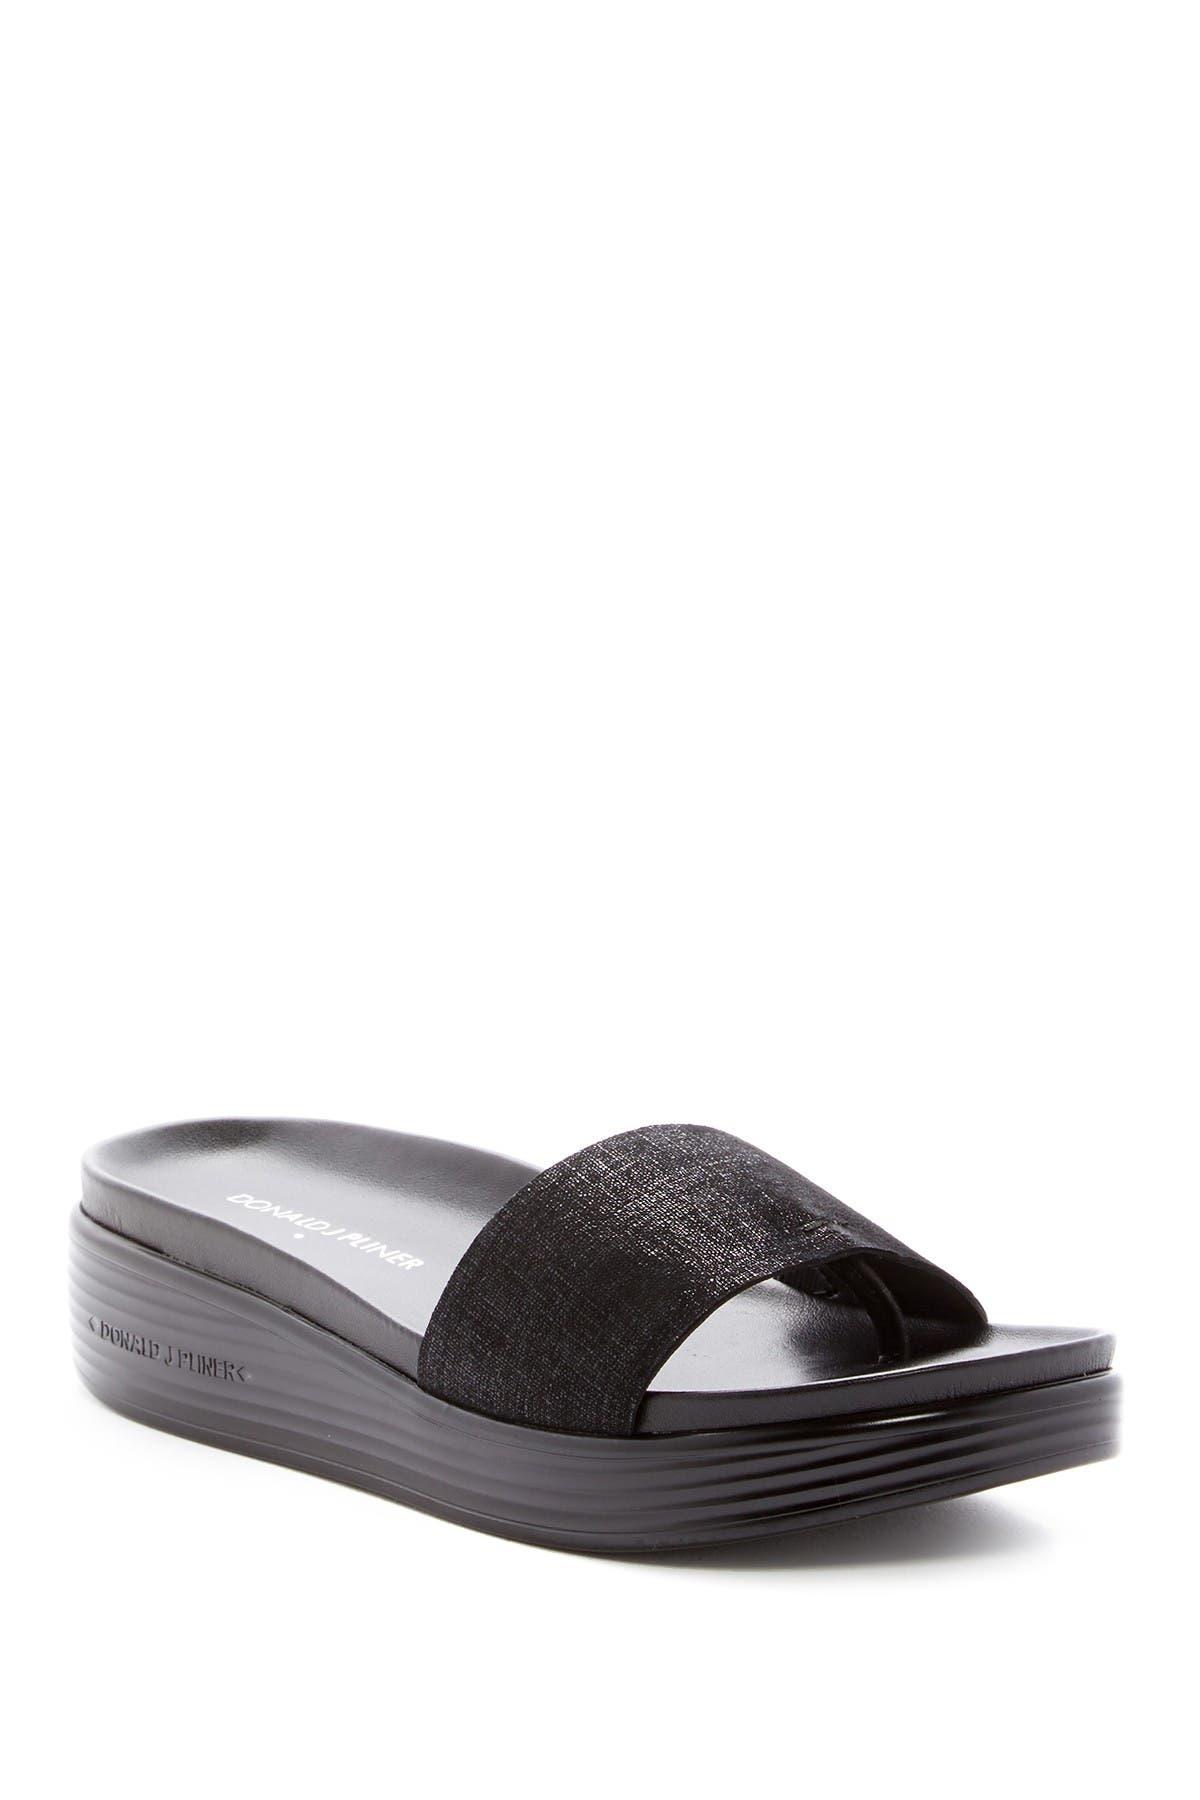 Image of Donald Pliner Fiji Suede Slide Sandal